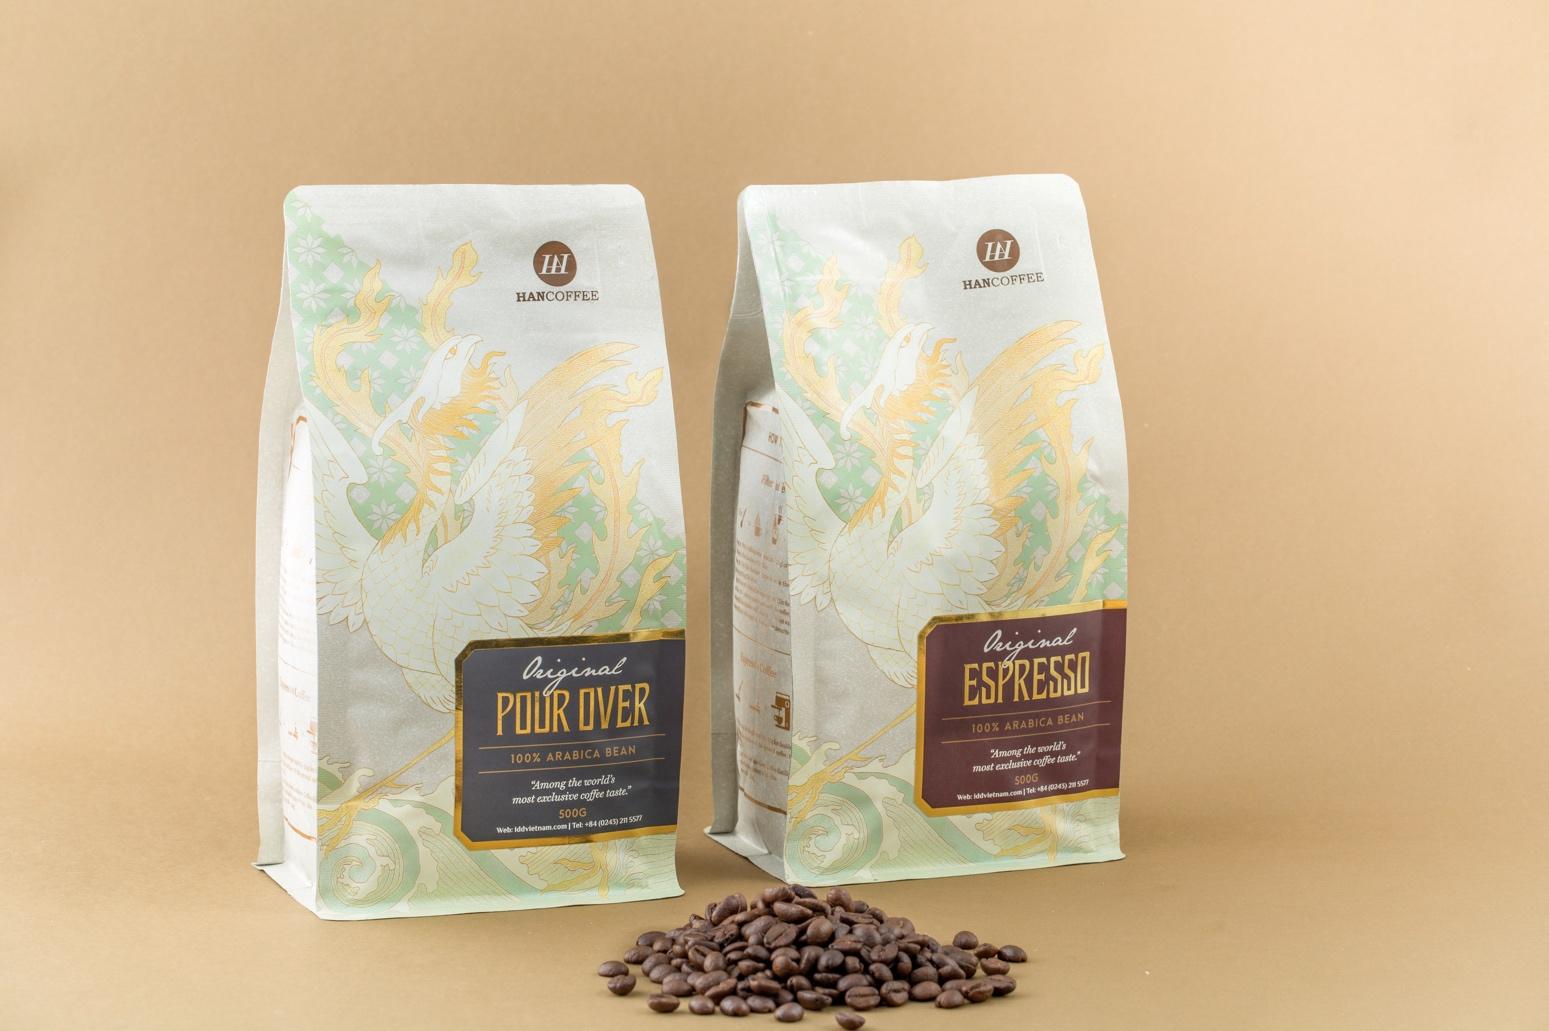 """cà phê việt - img20181224161949252 - Có gì bên trong những chiếc bao bì """"đẹp như tranh"""" vừa mới ra mắt thị trường cà phê Việt?"""